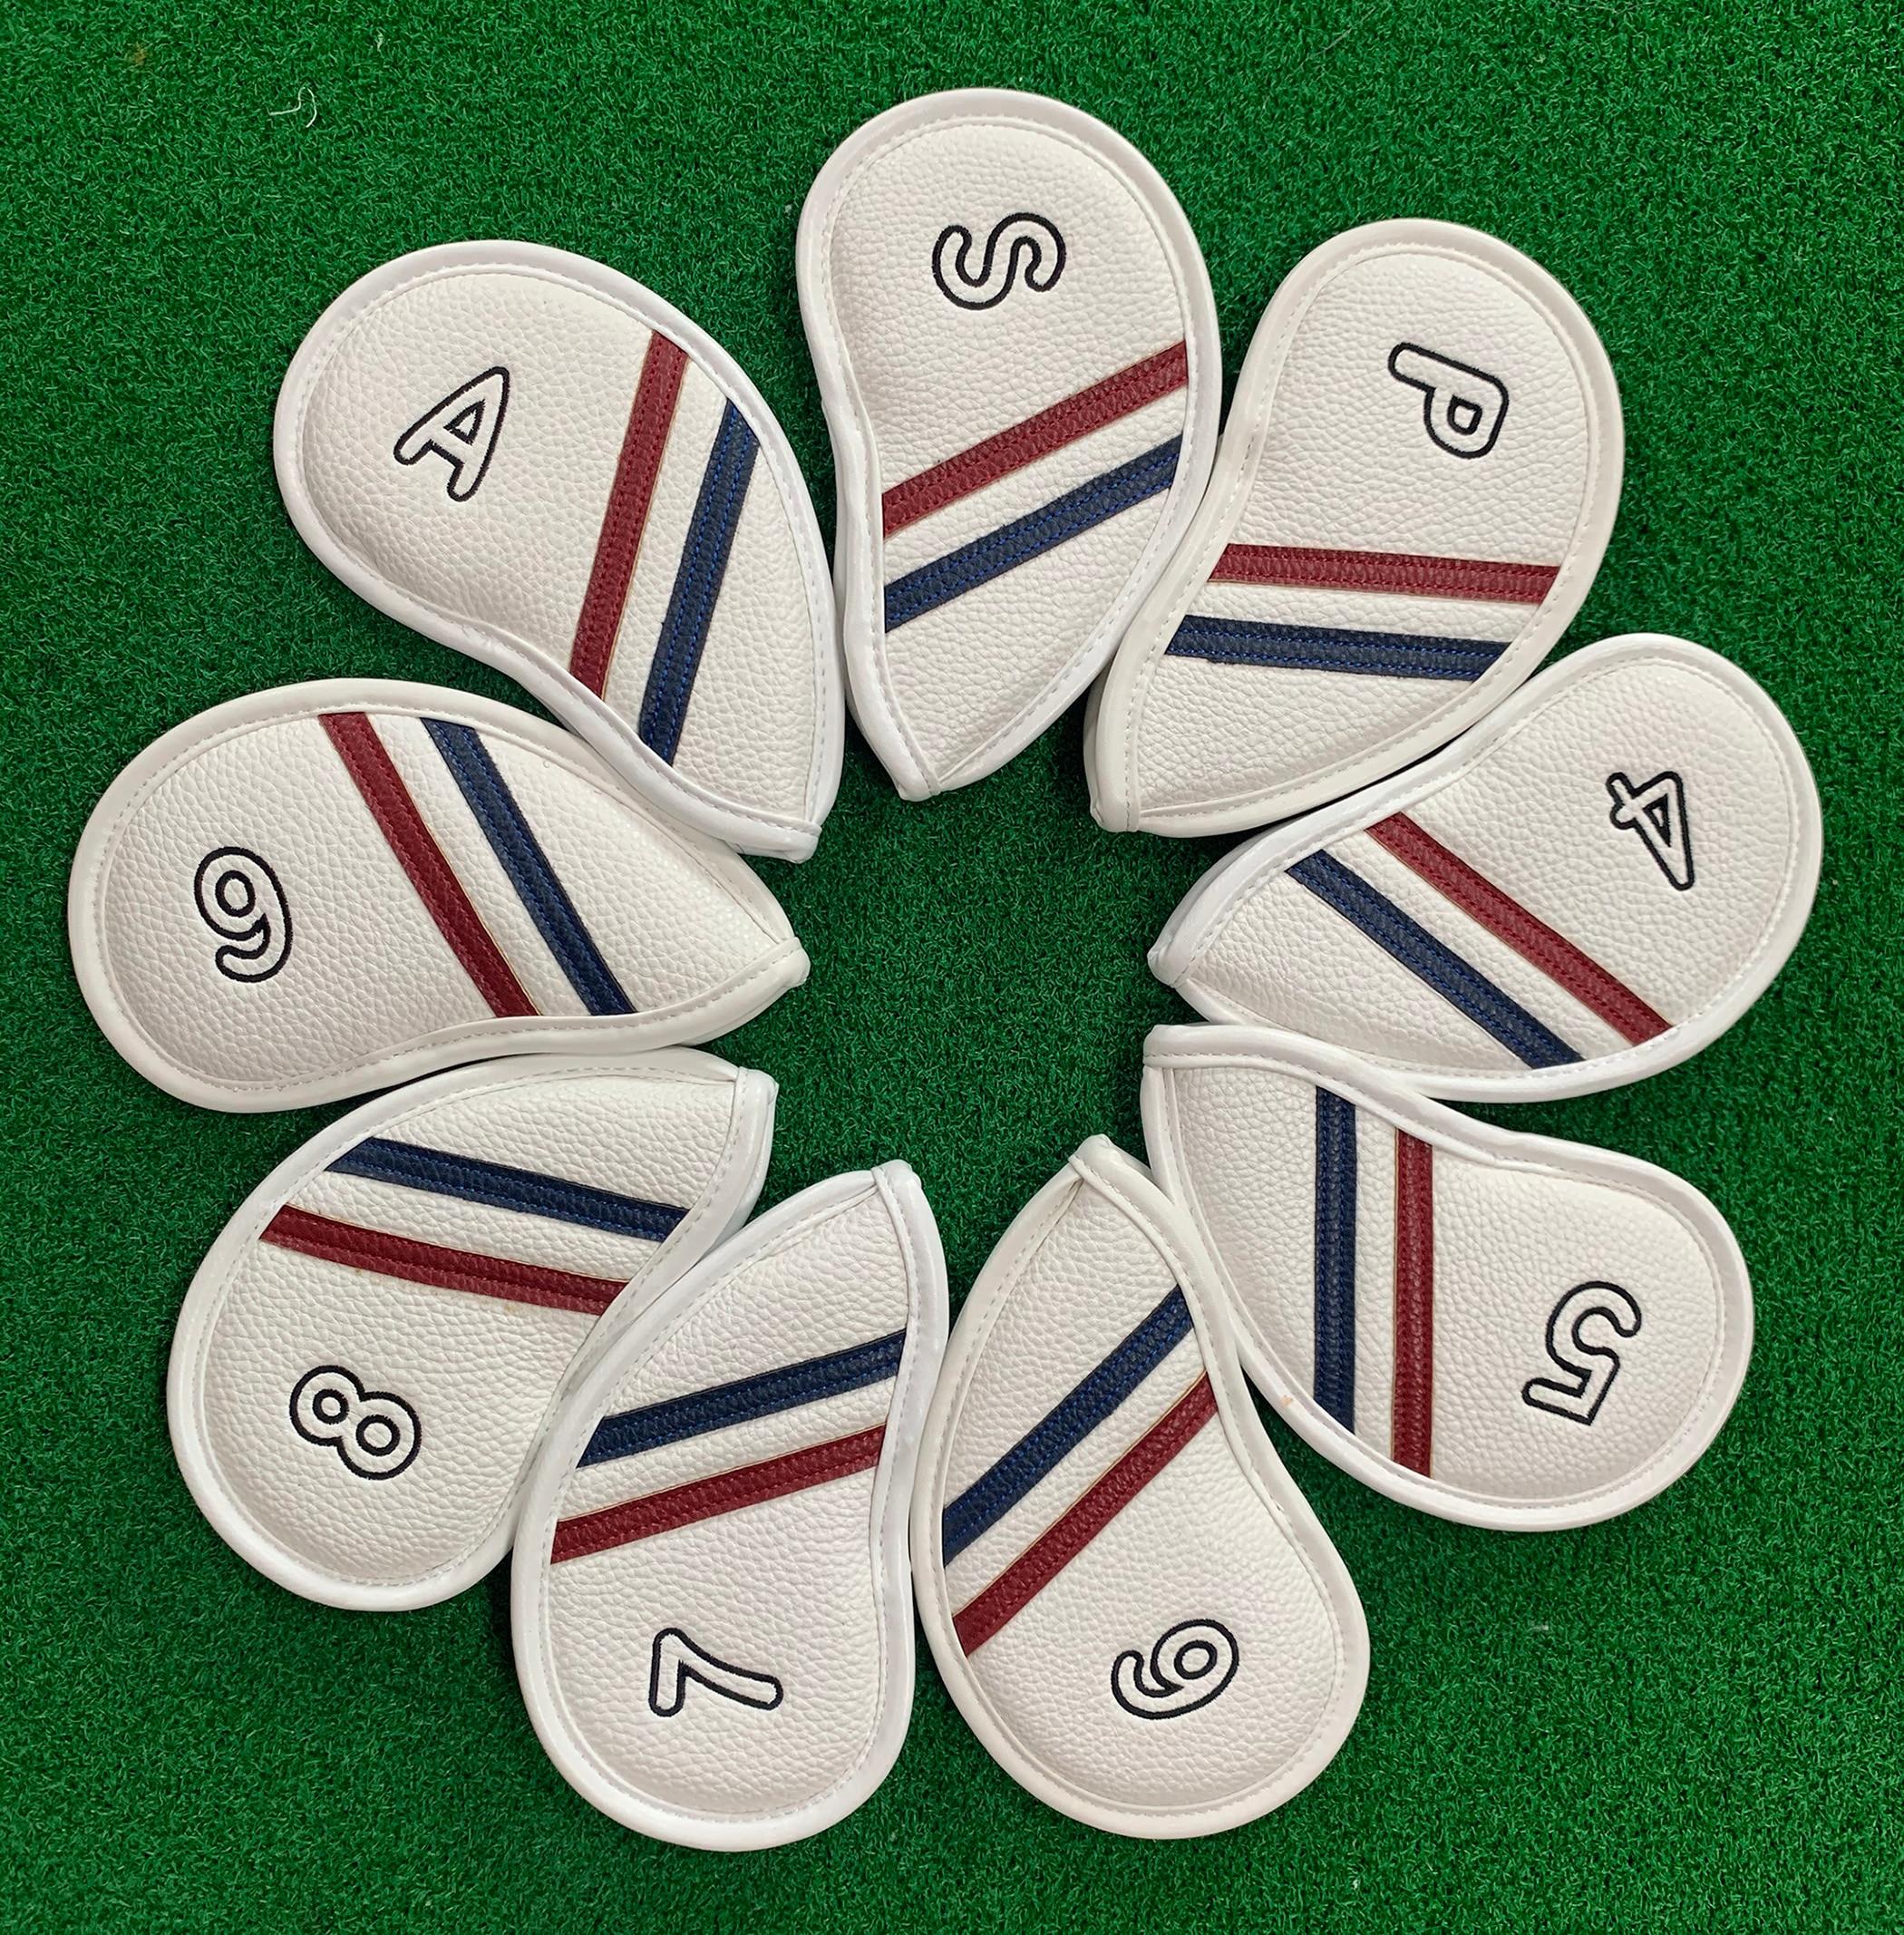 9 шт. (4,5,6,7,8,9,P,S,A) набор защитных колпачков для клюшек